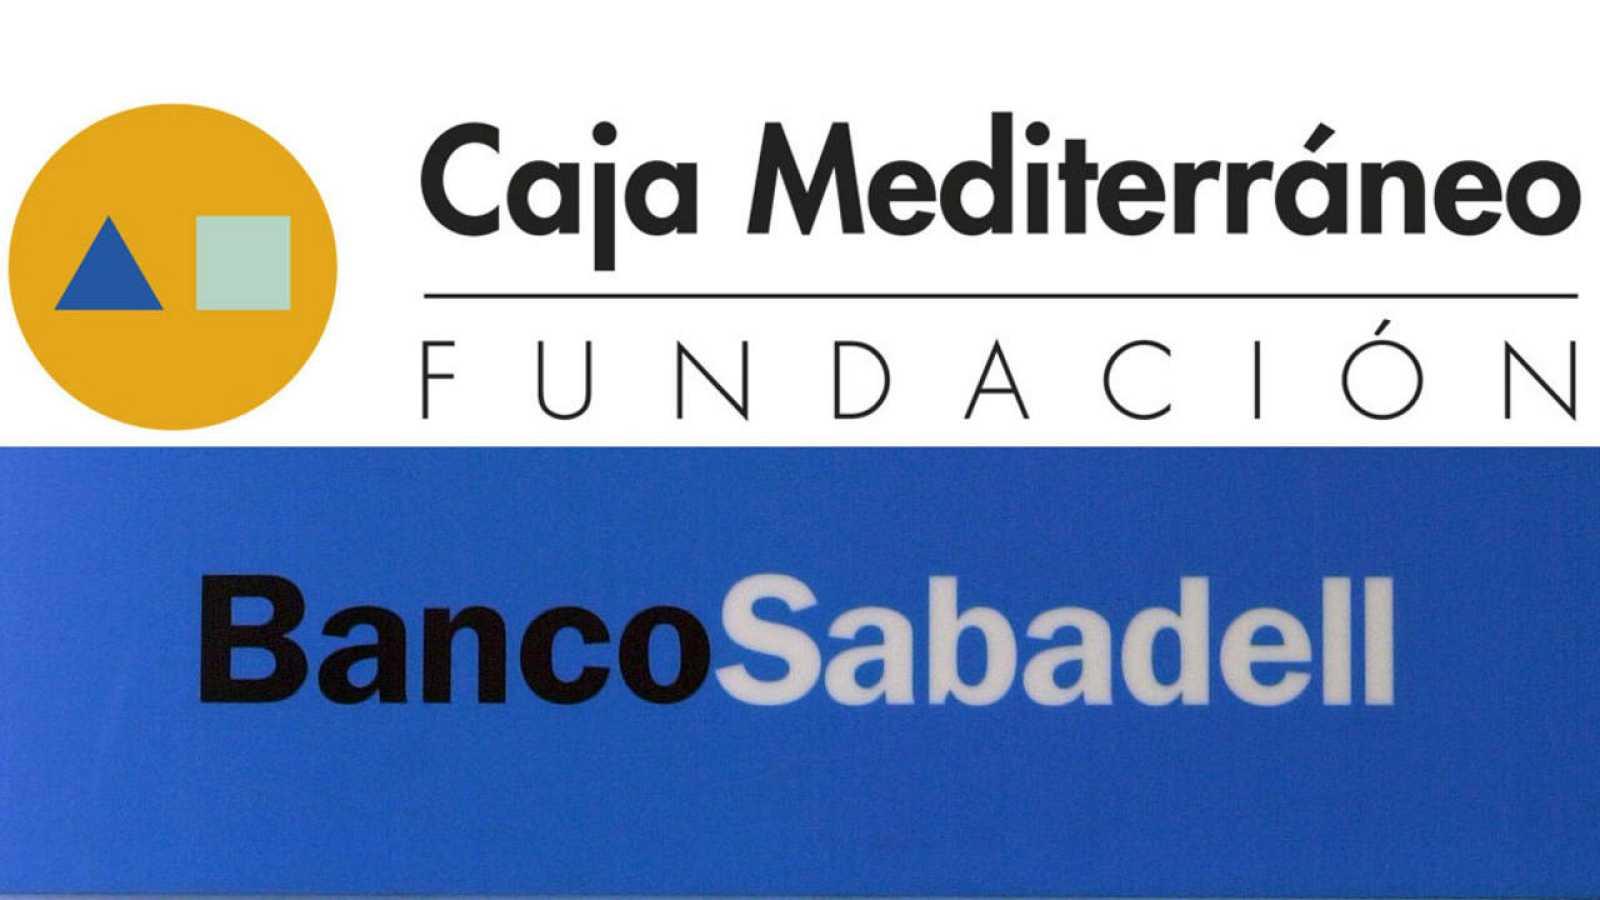 Logotipos de la Fundación CAM y el Banco Sabadell